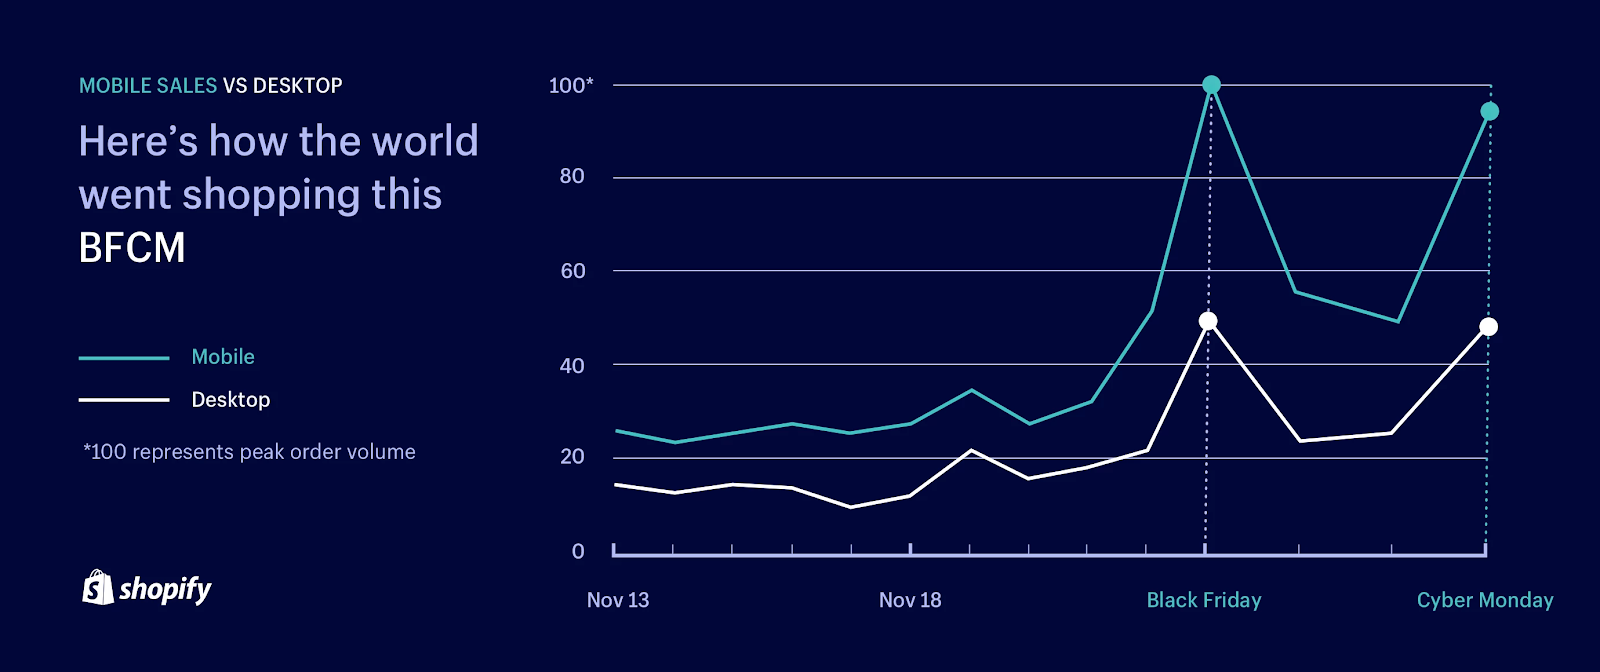 Статистика по Черной пятнице для интернет-магазинов